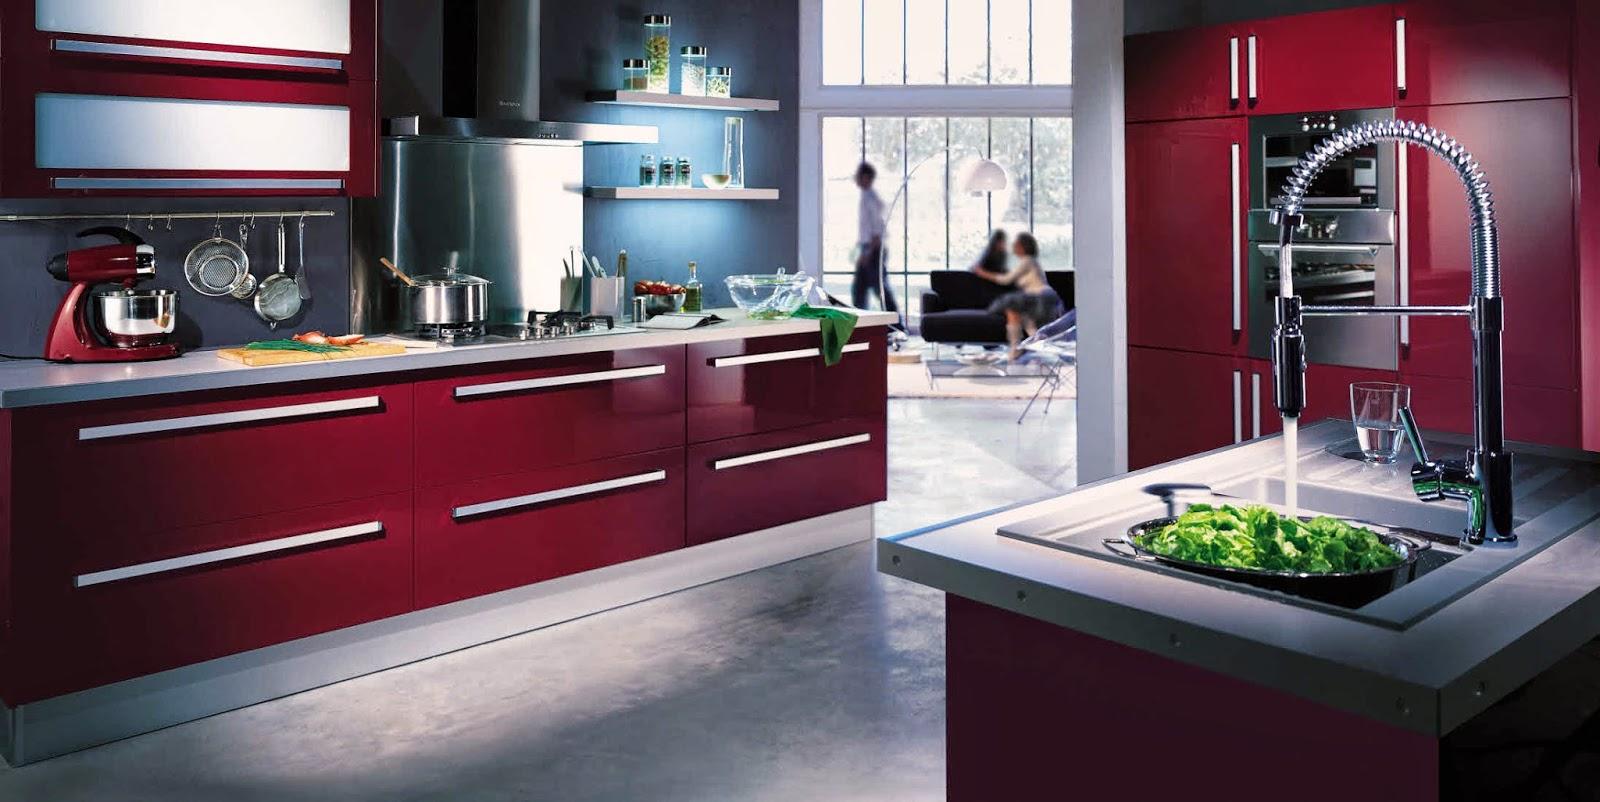 dessiner sa cuisine en 3d gratuitement sofag. Black Bedroom Furniture Sets. Home Design Ideas